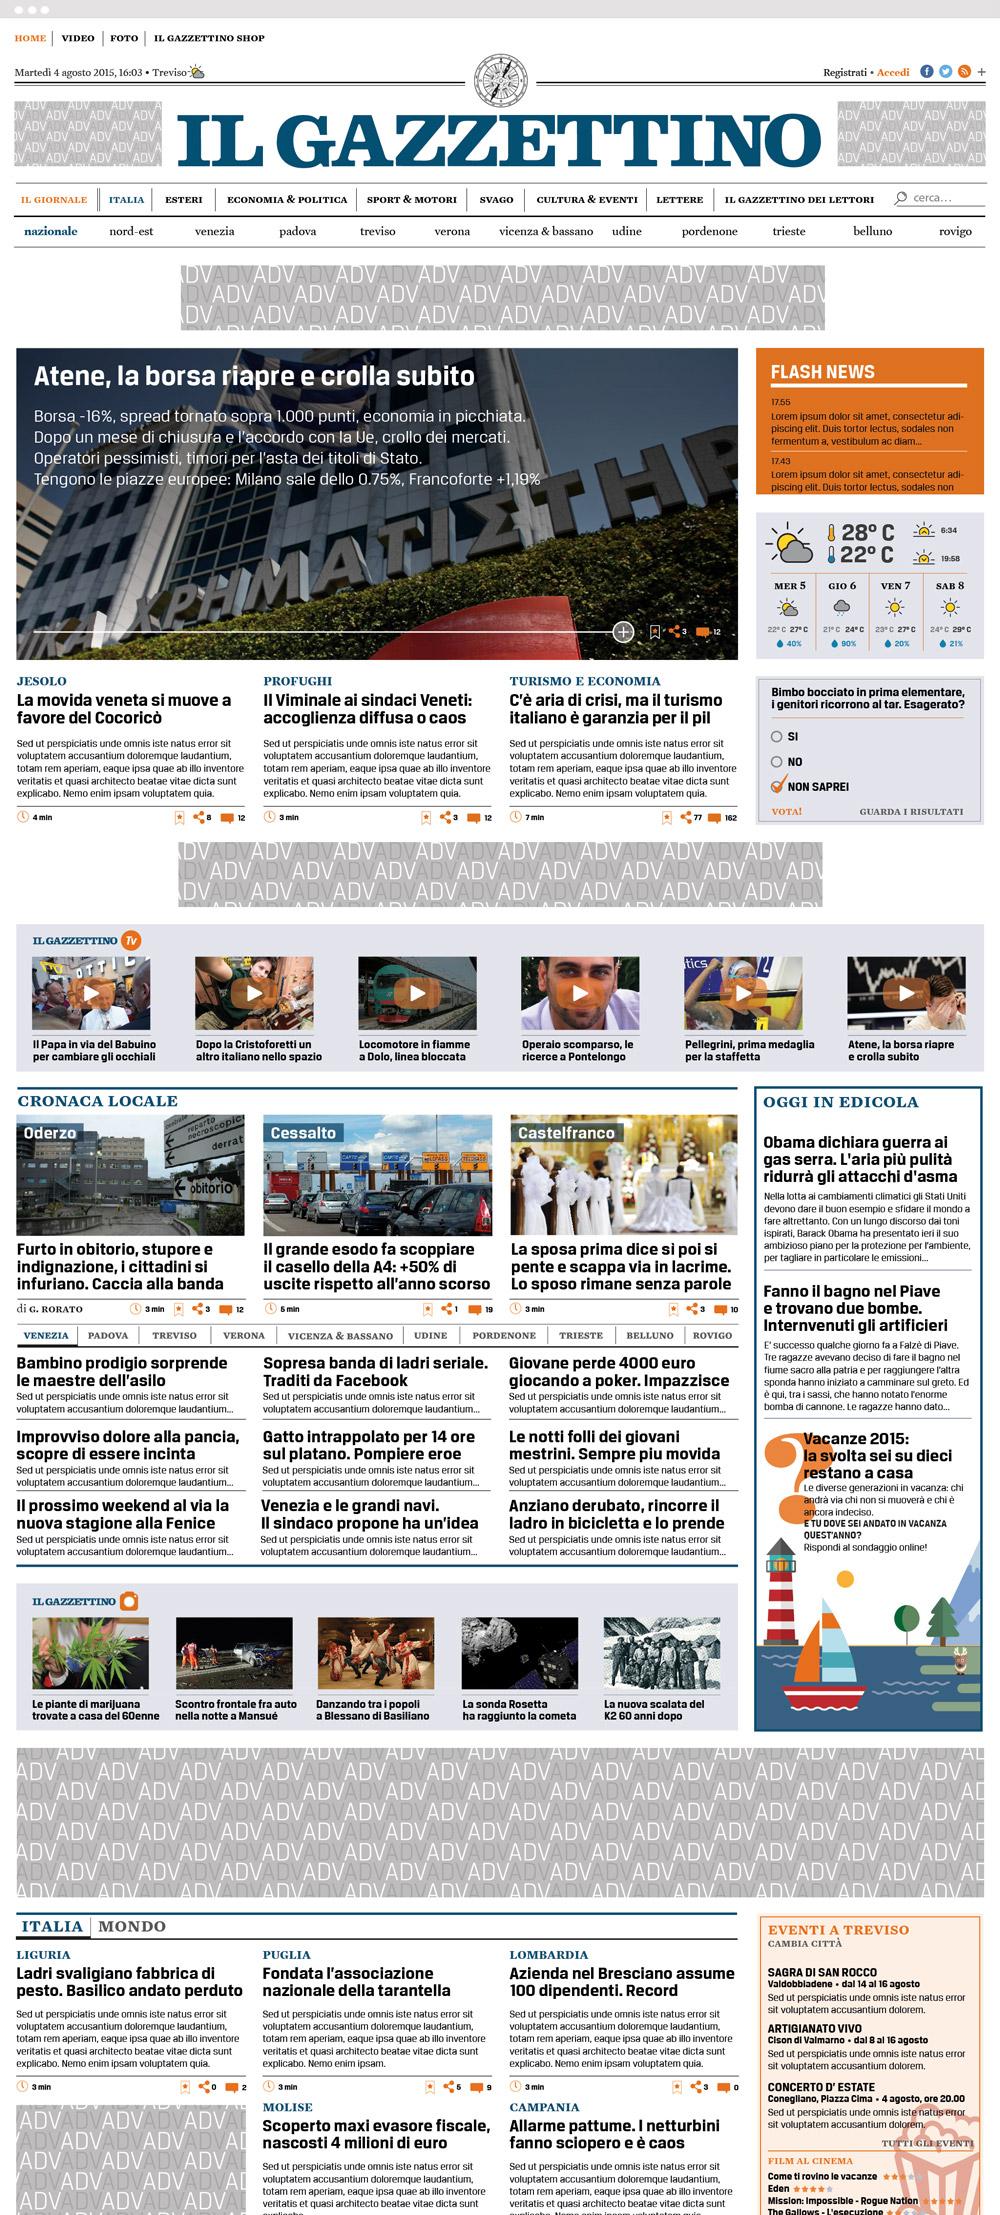 homepage_fatta_puitto-01